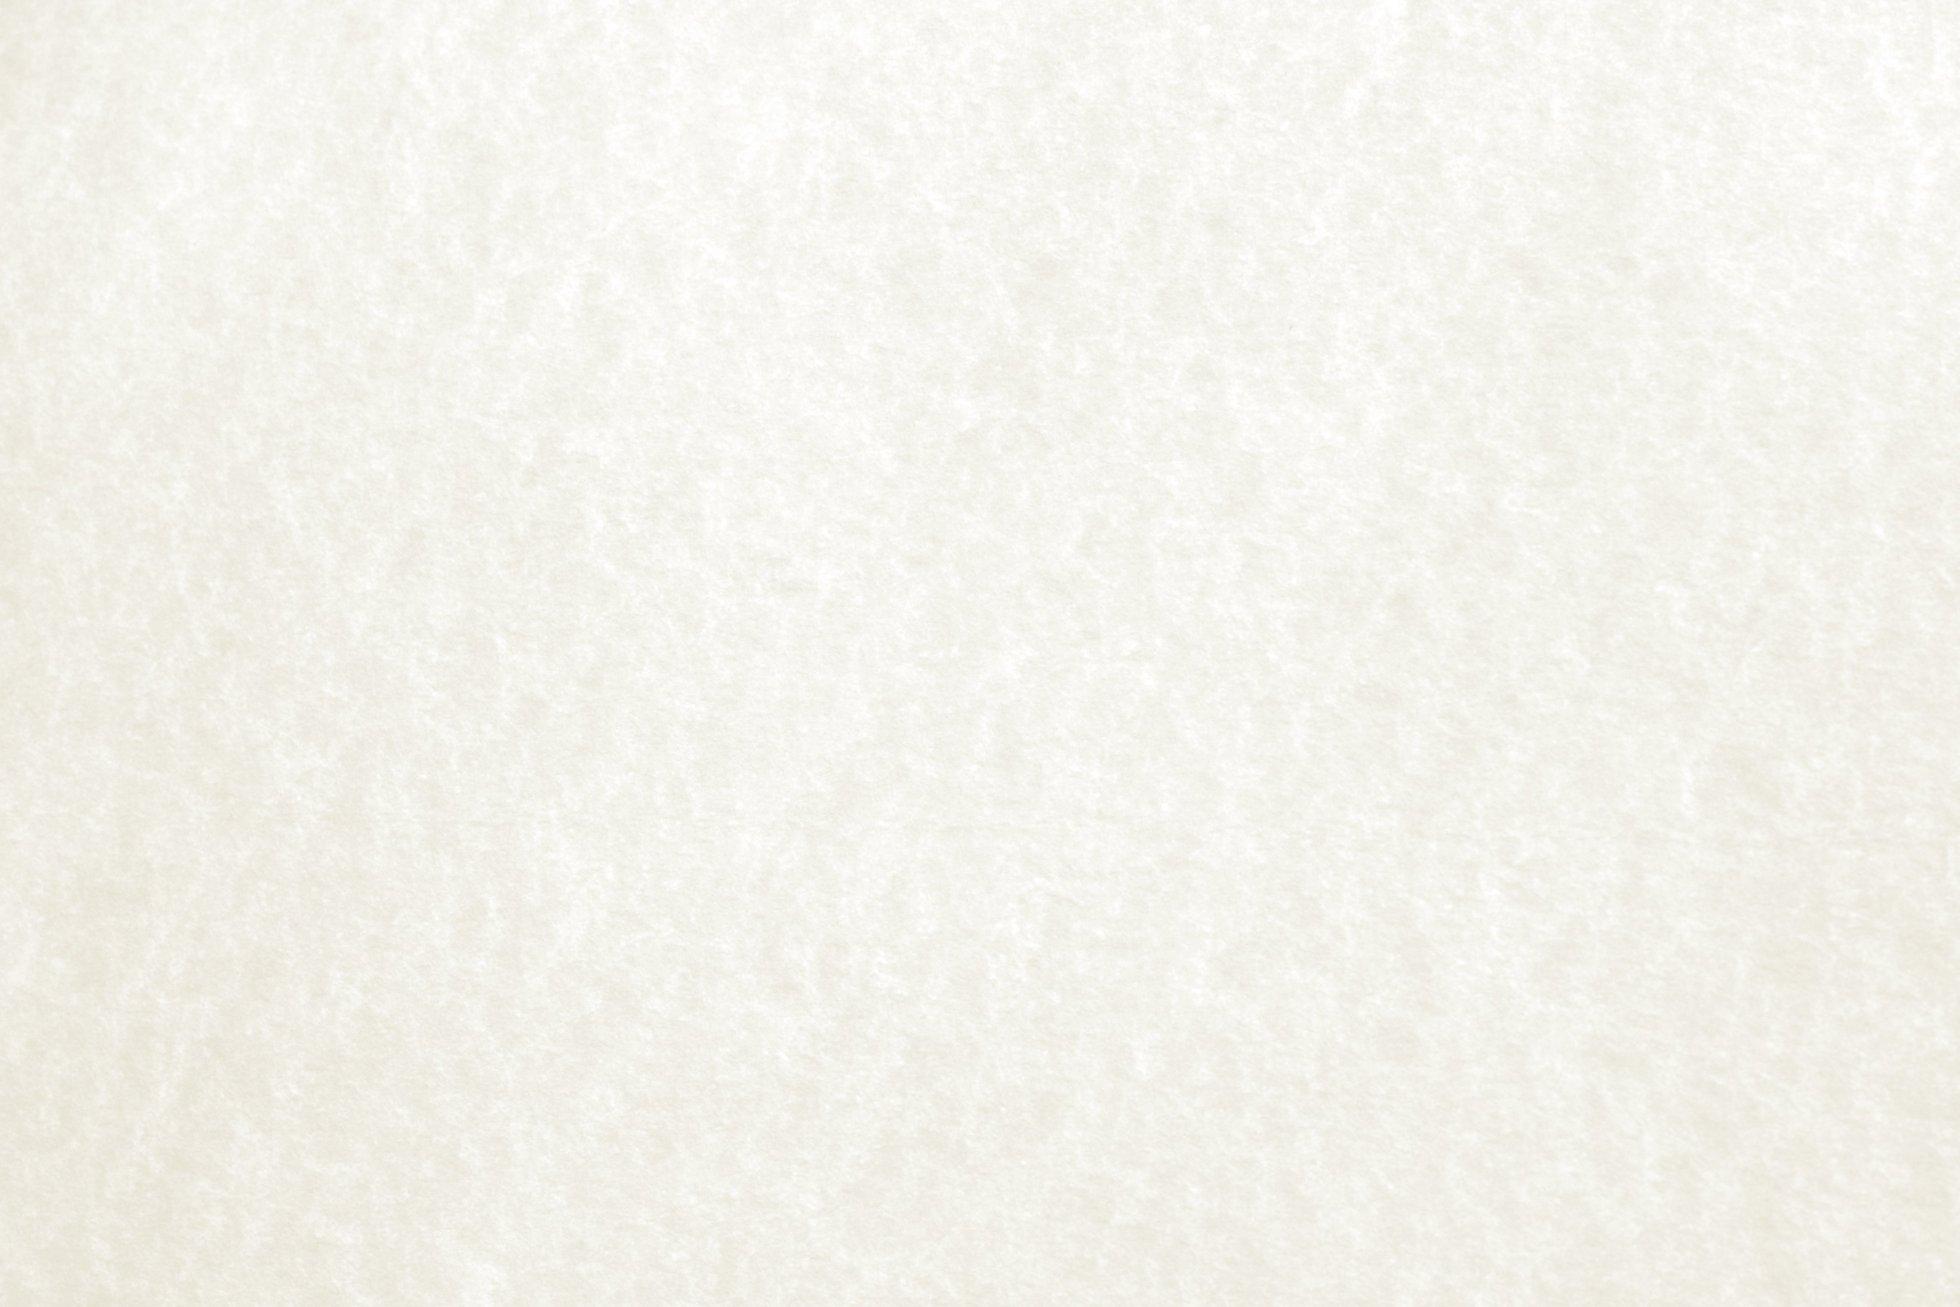 White Parchment Paper Texture 1